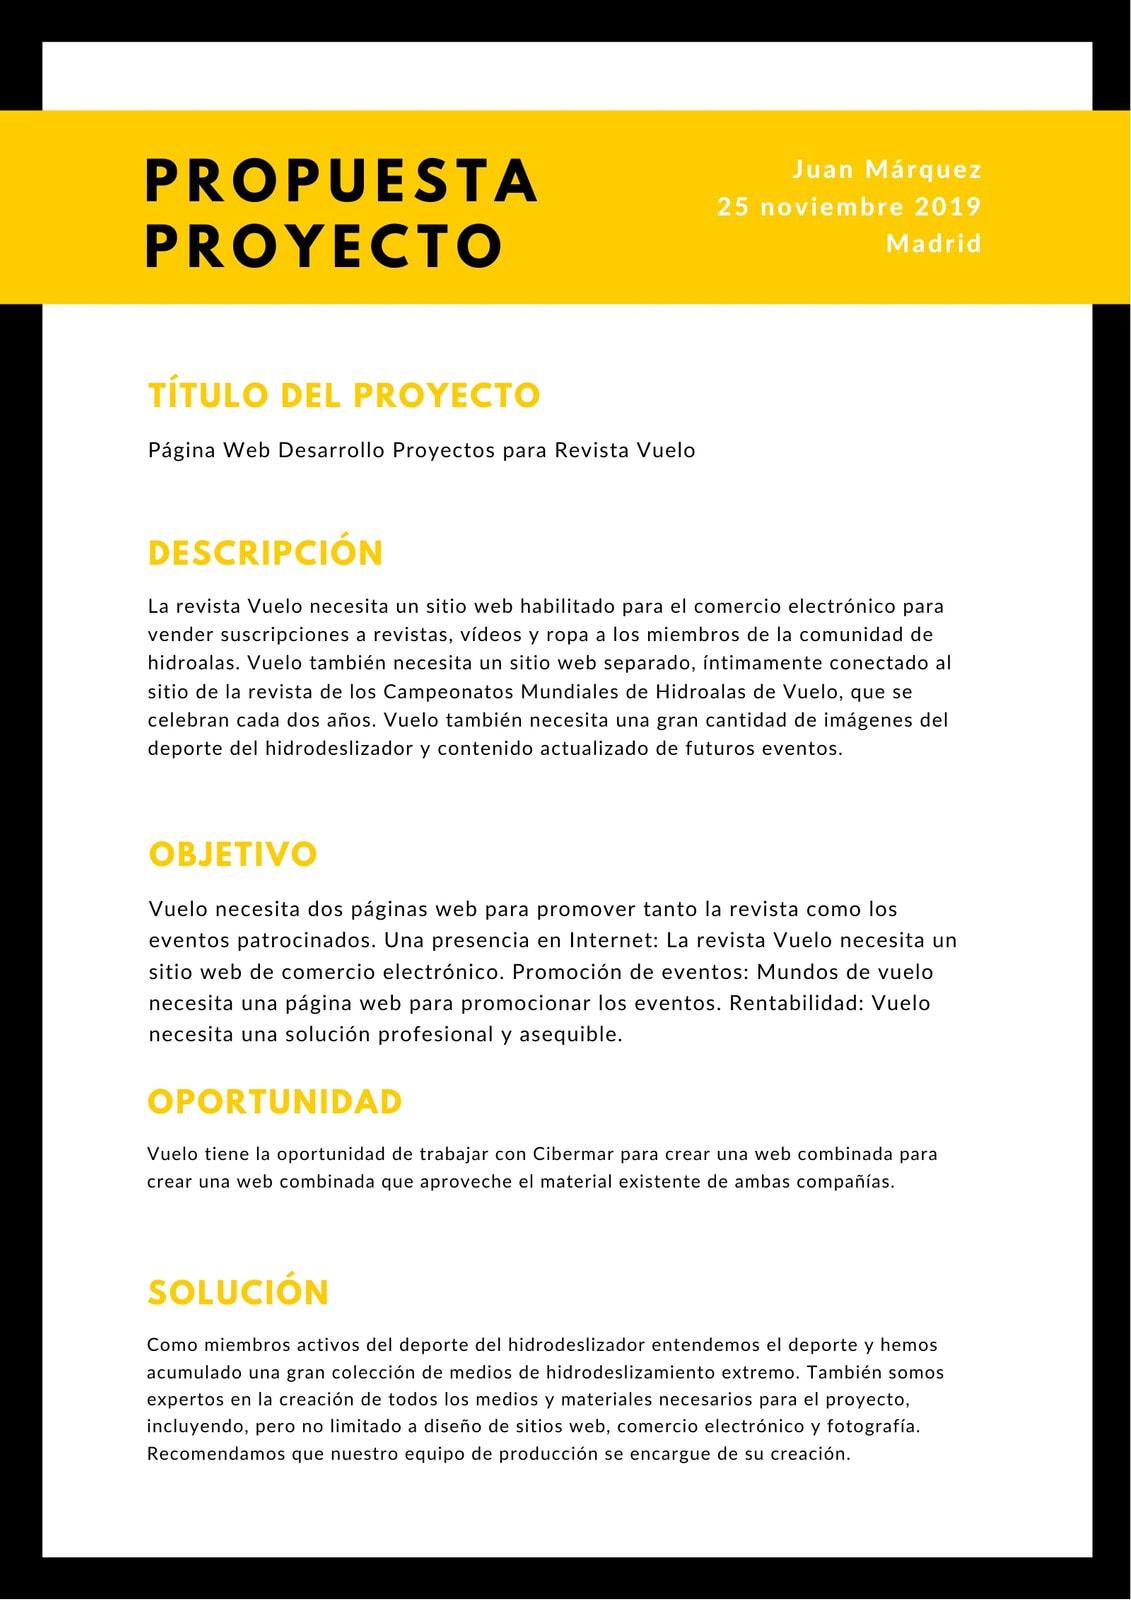 Negro Amarillo Borde Marco Proyecto General Propuesta